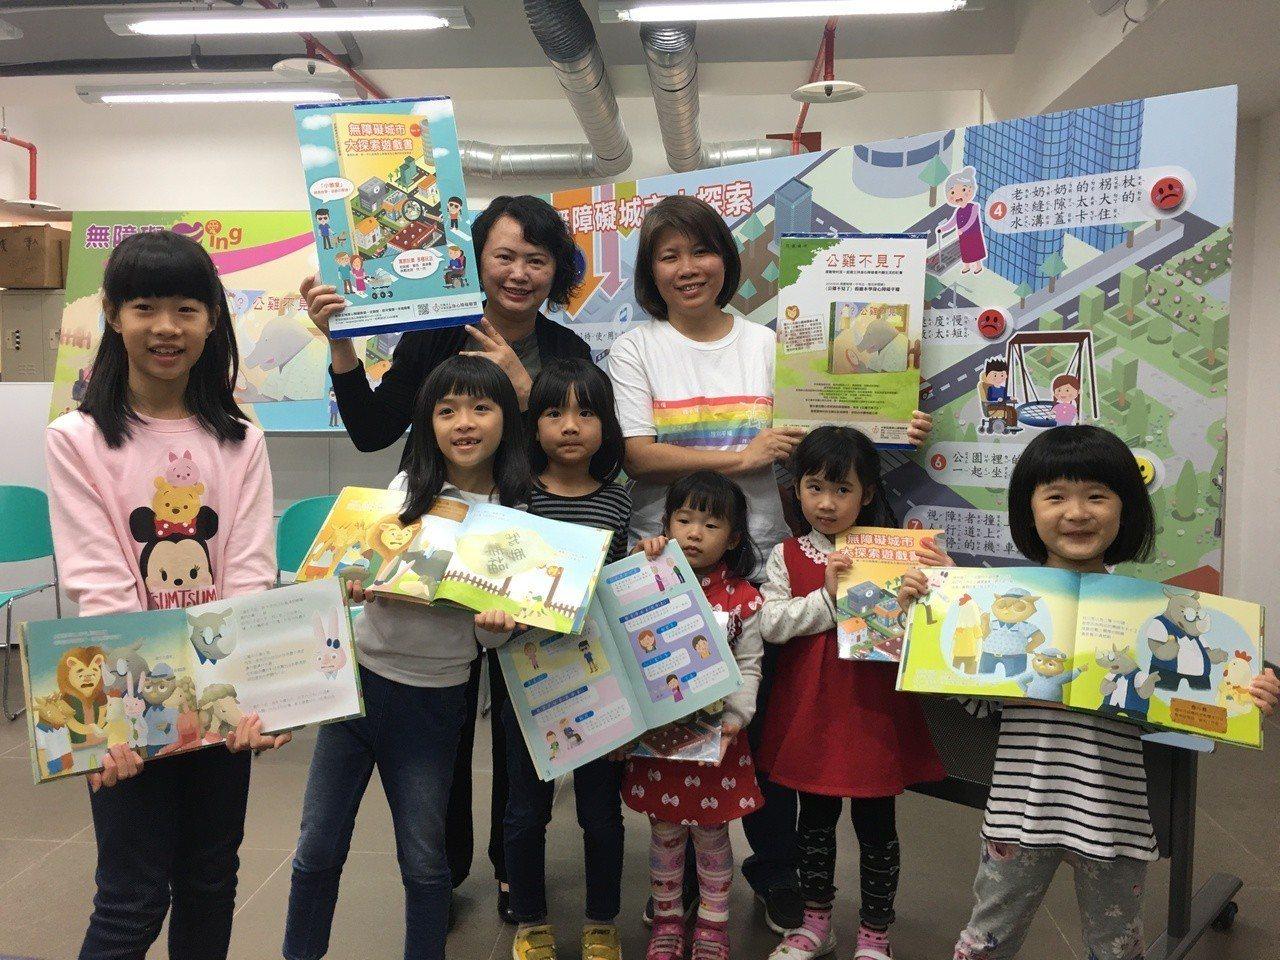 身障聯盟推出「公雞不見了」及「無障礙城市大探索遊戲書」二本童書,把障礙者角色與需...